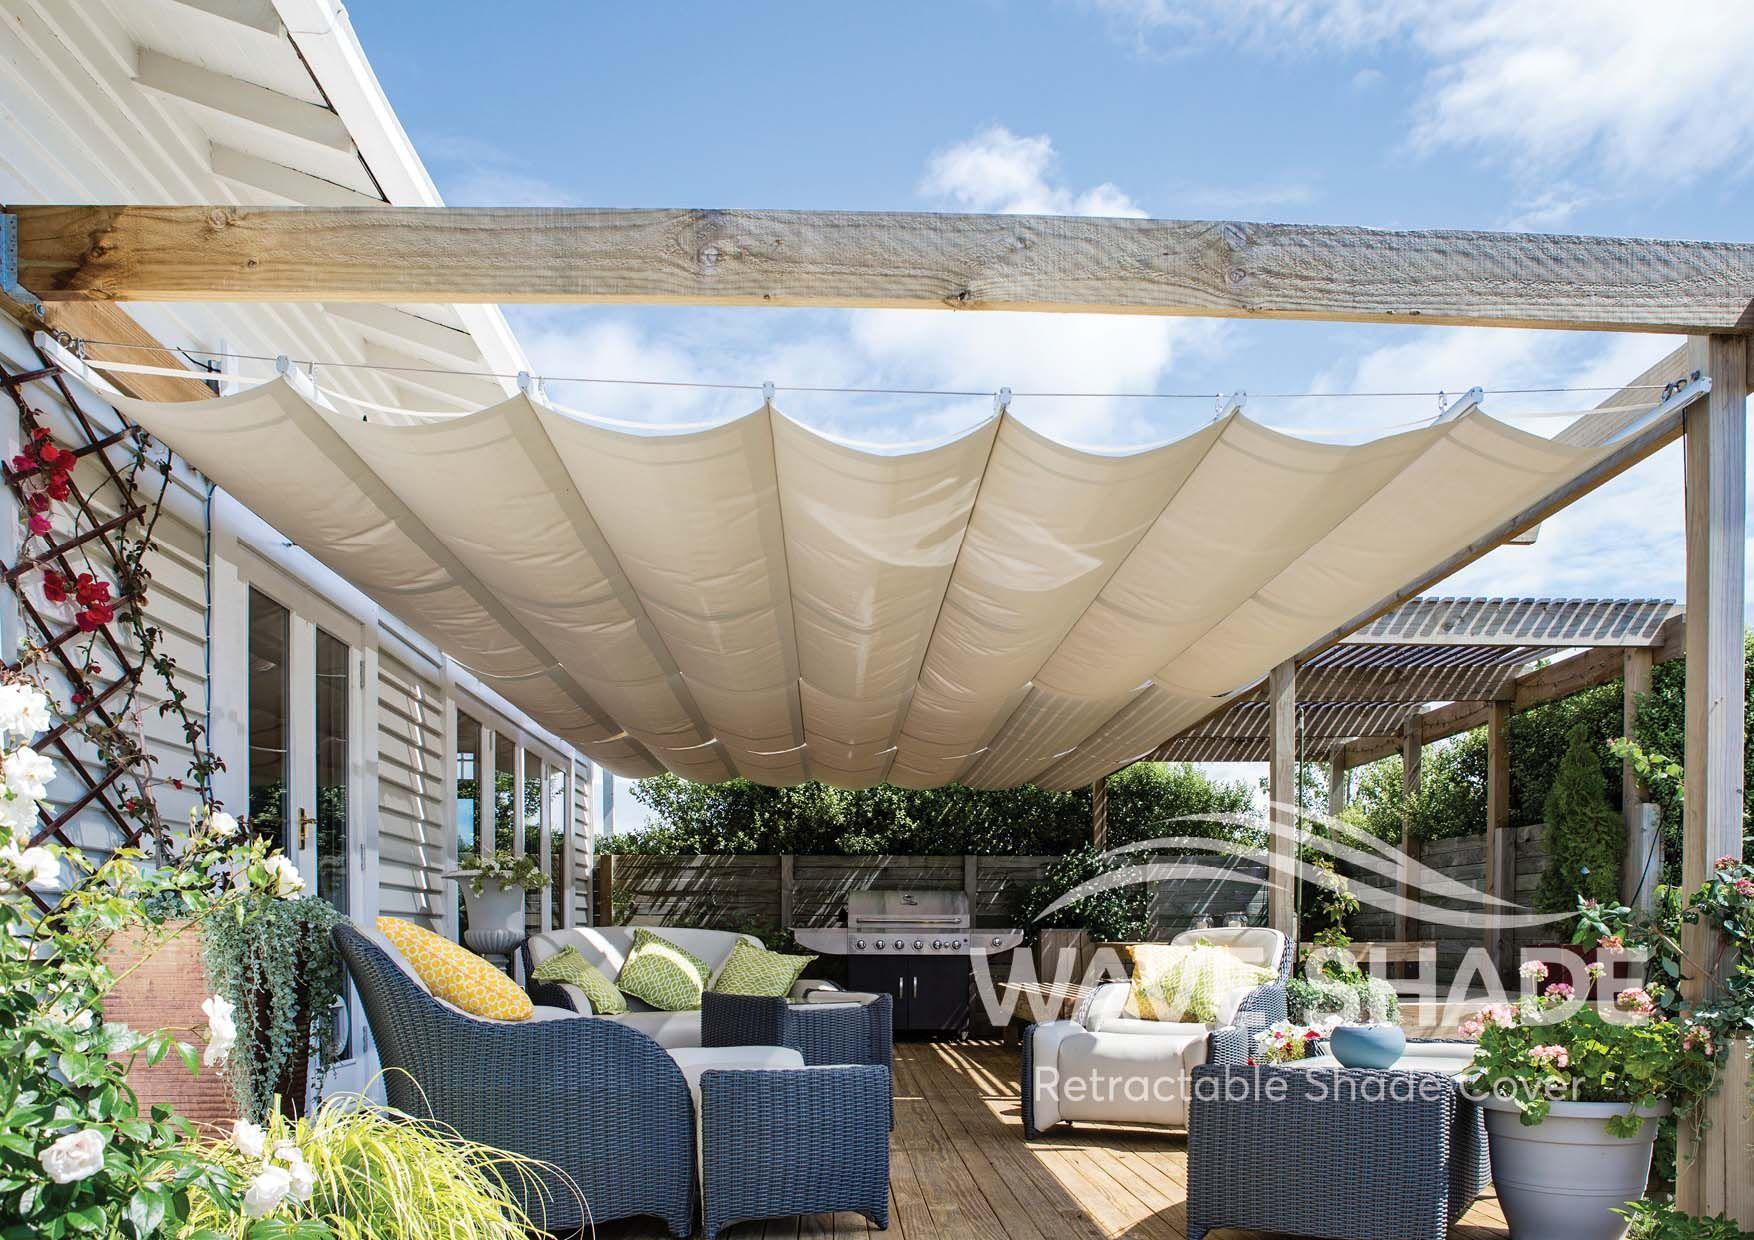 New Wave Shade Version 3 Retractable Shades New Product Custom Size Commercial Quality Napady Na Terasy Zahrada Terasa